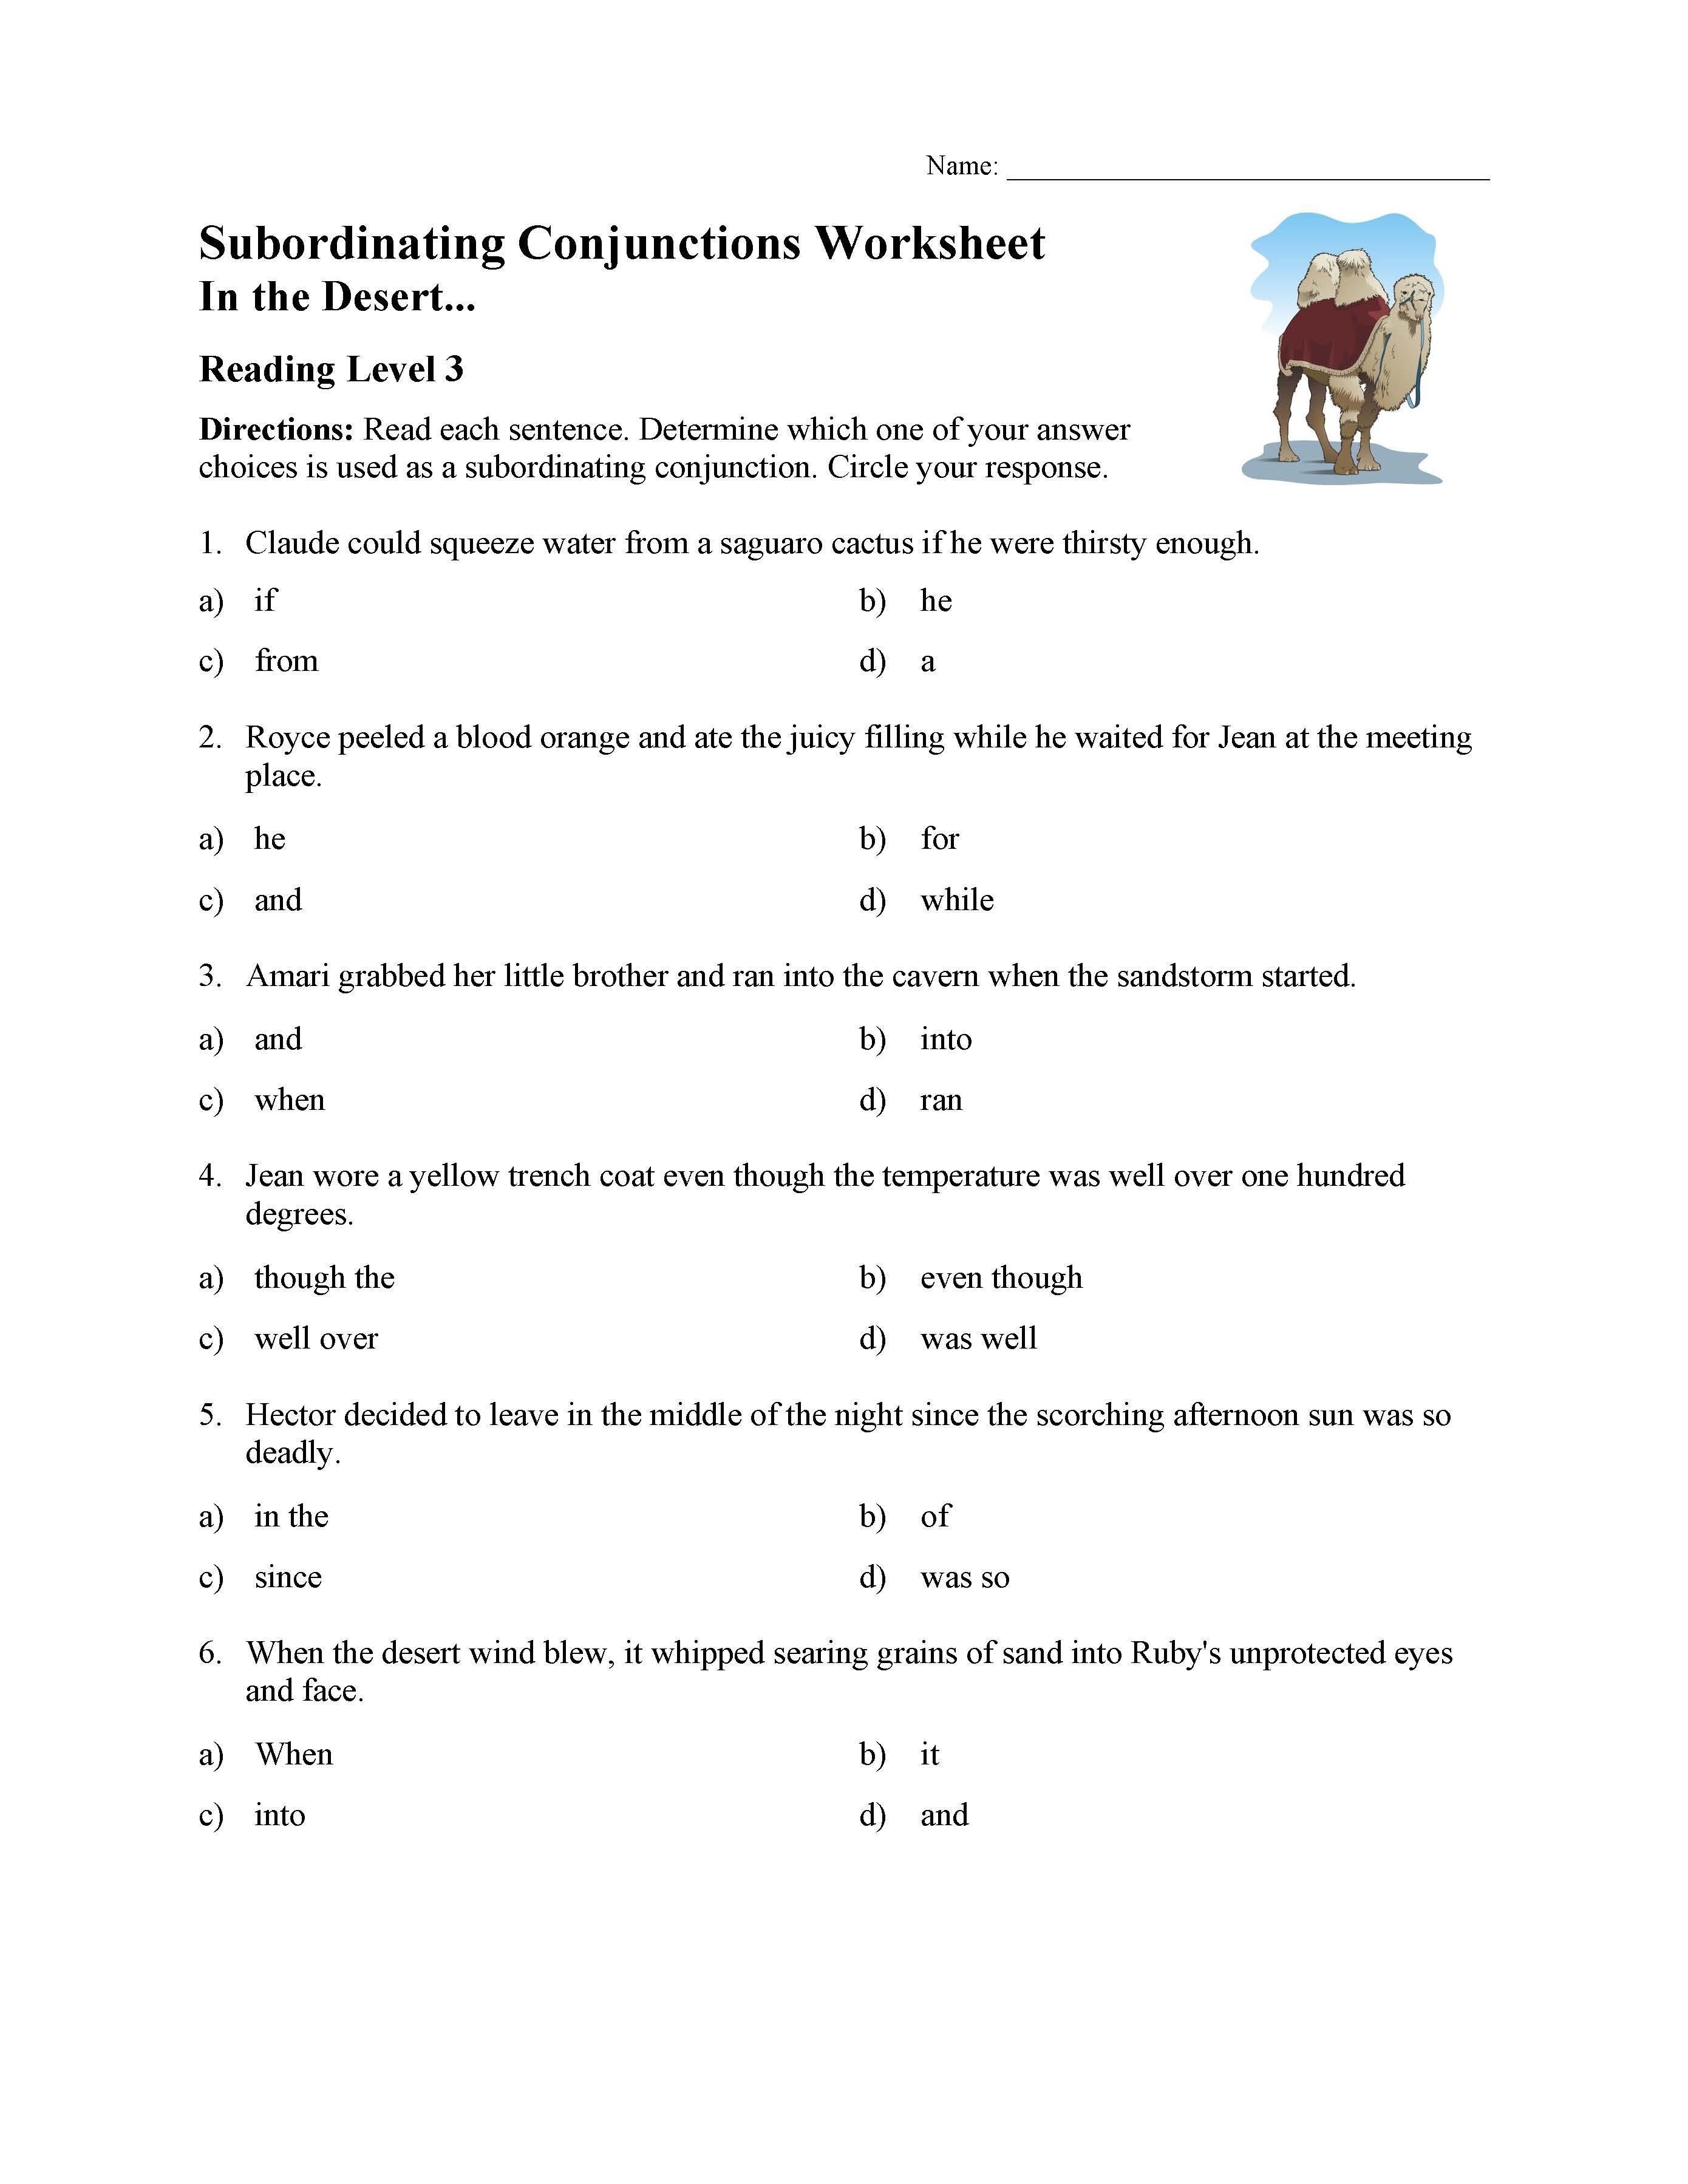 Conjunction Worksheets for Grade 3 Subordinating Conjunctions Worksheet Reading Level 3